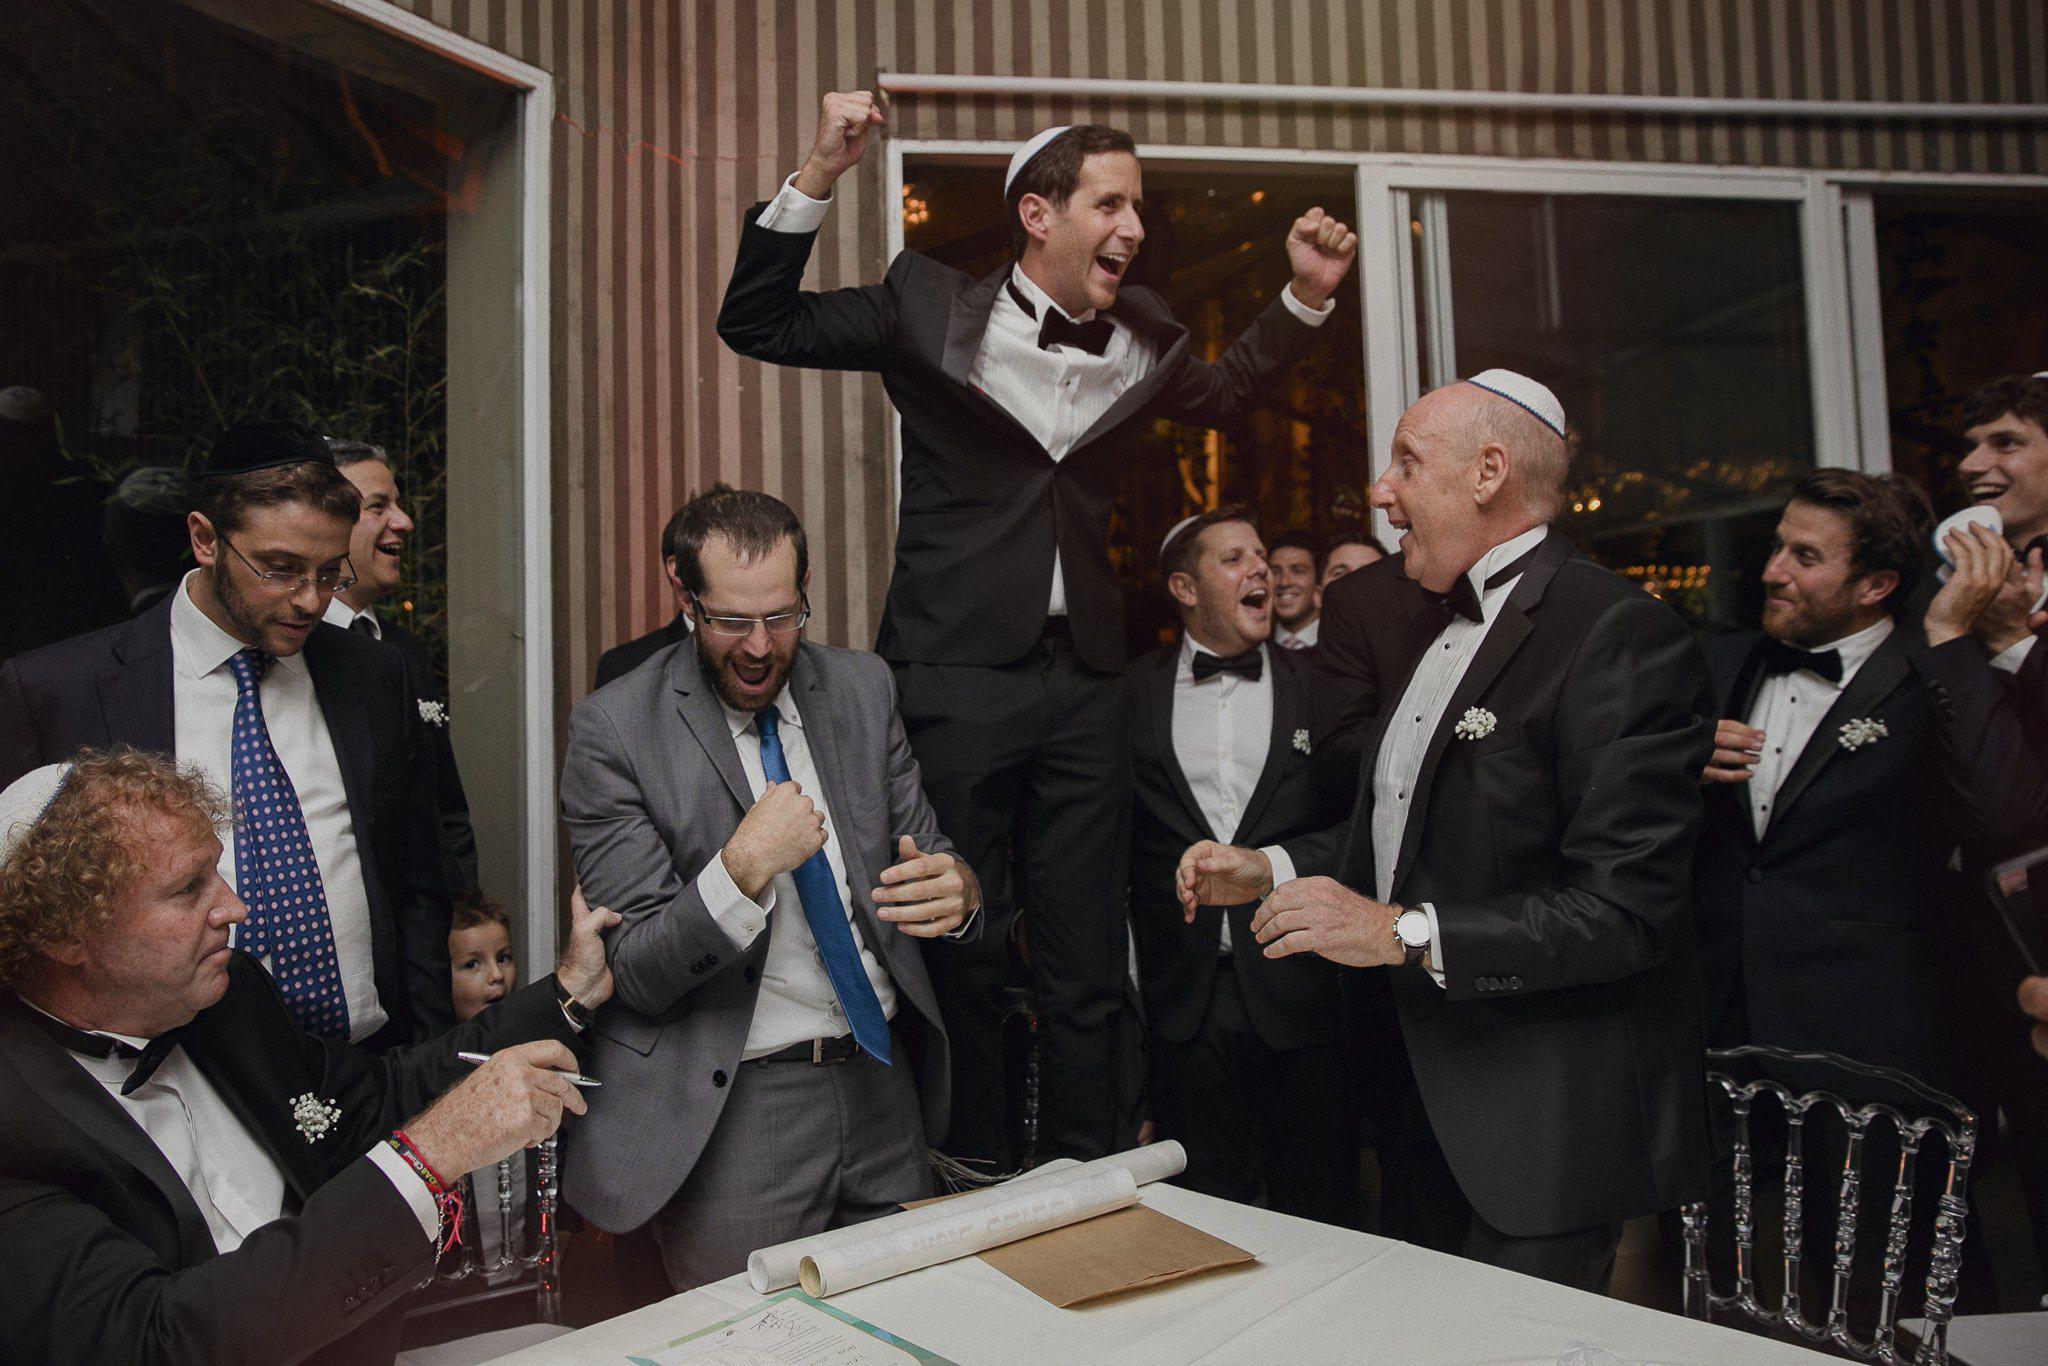 firma de ketubah - boda judia - boda en la hacienda